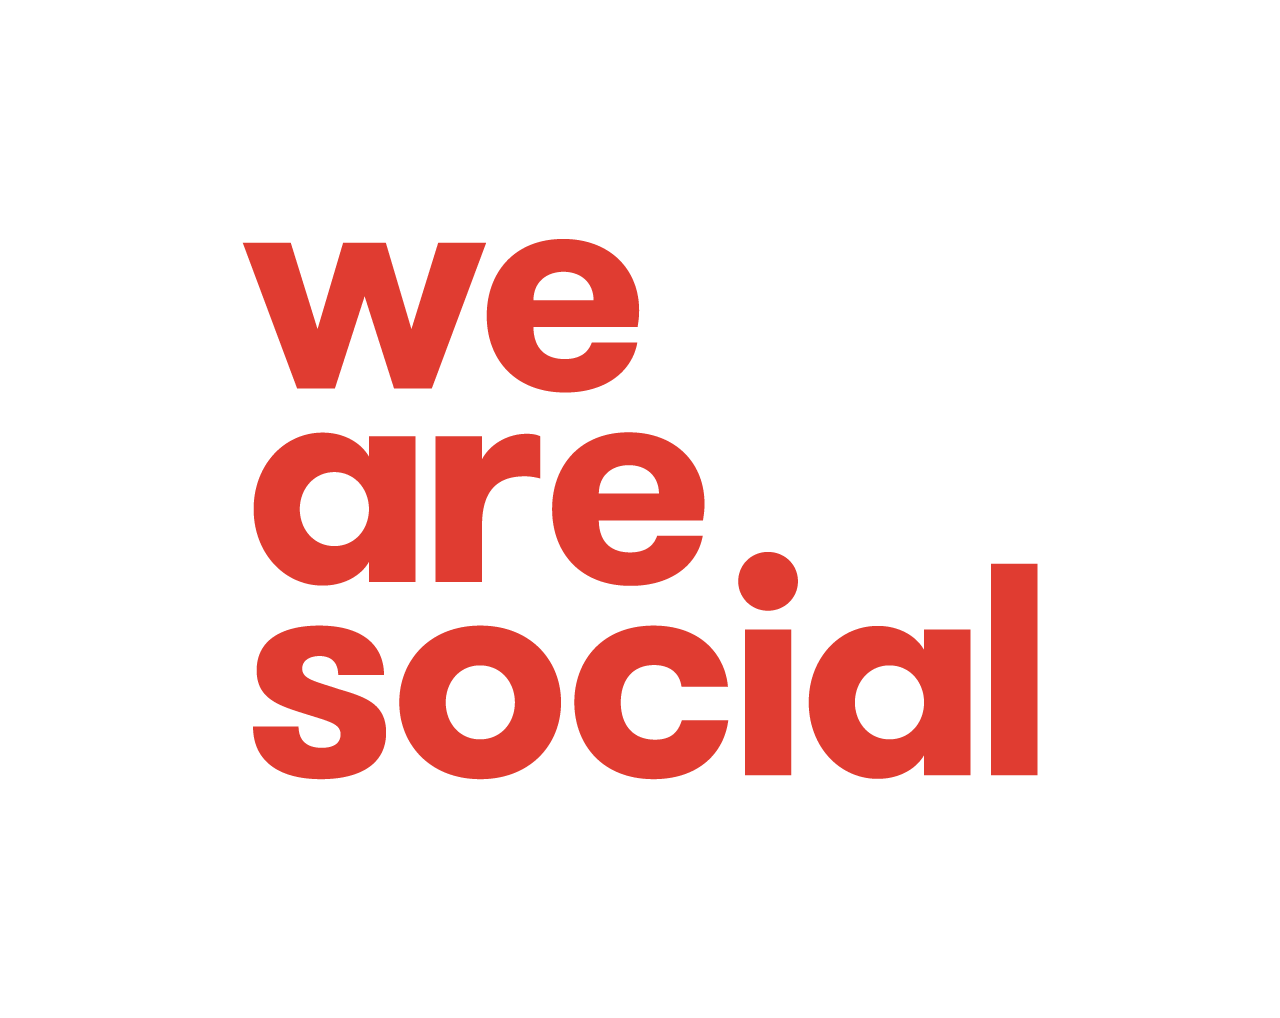 WeAreSocial_R_W_RGB